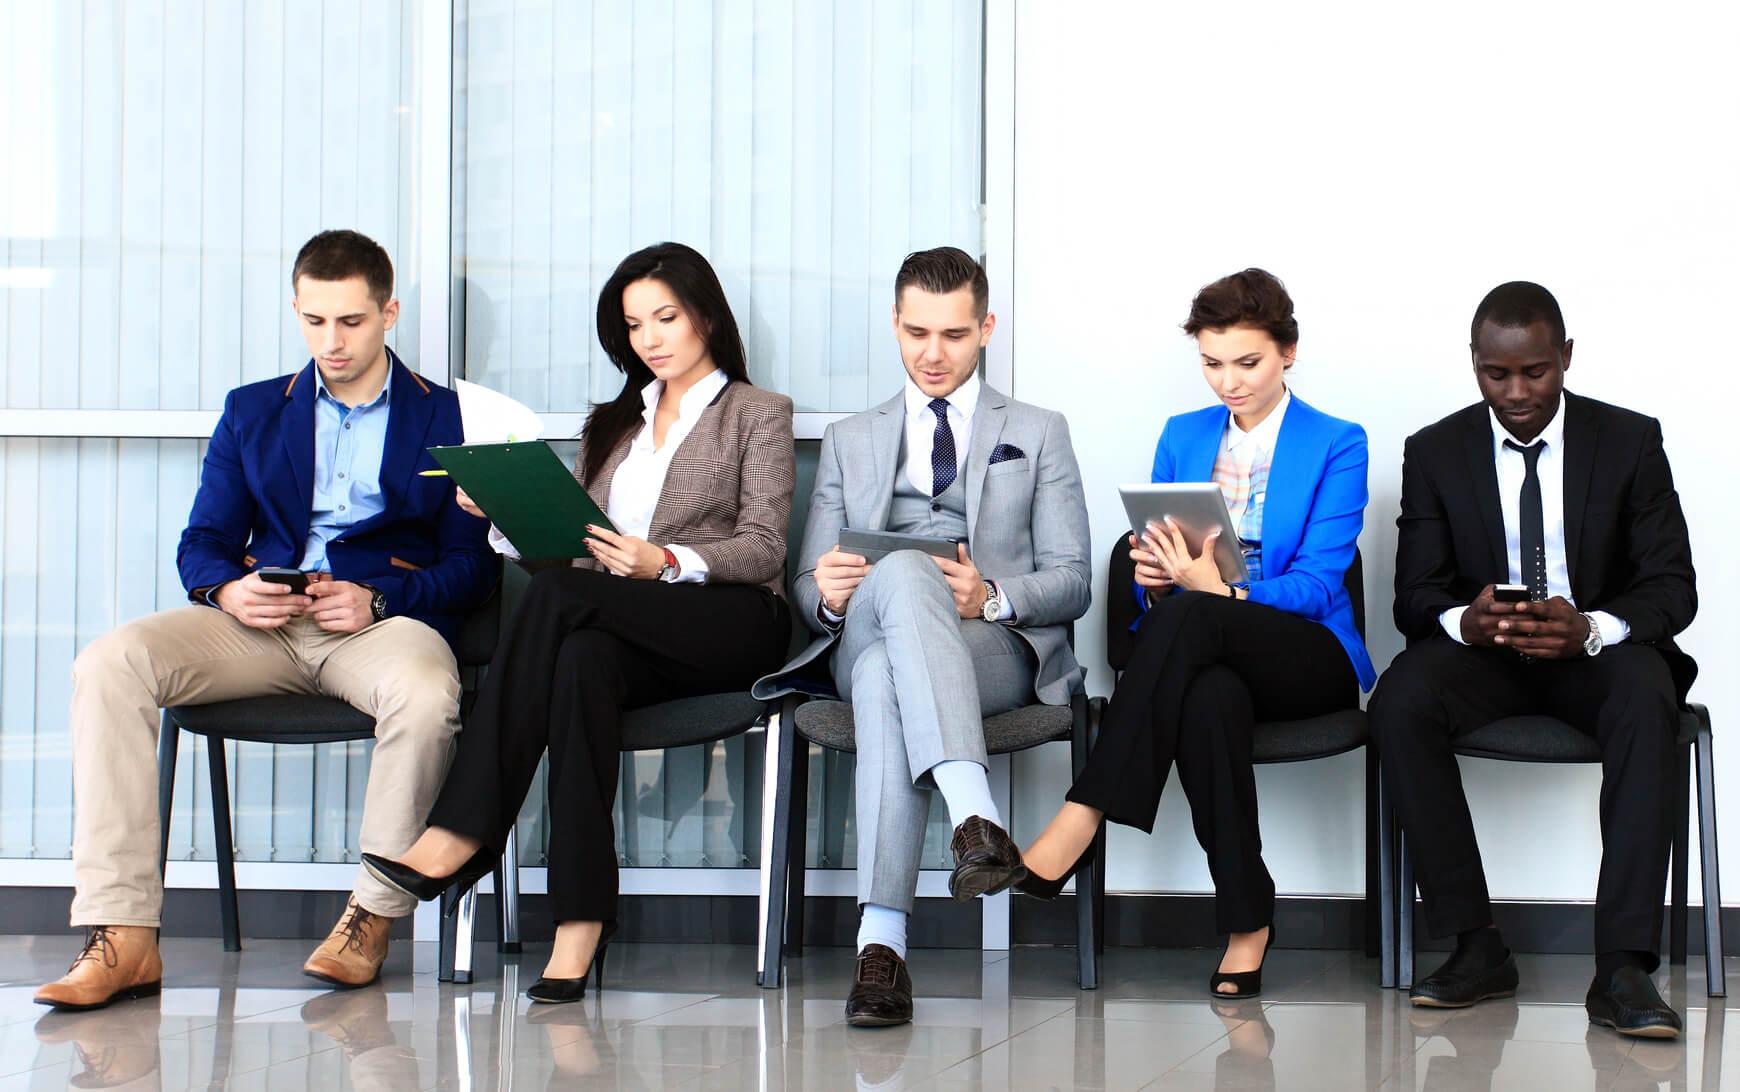 توصیه هایی برای انتخاب و استخدام دهه هفتادی ها